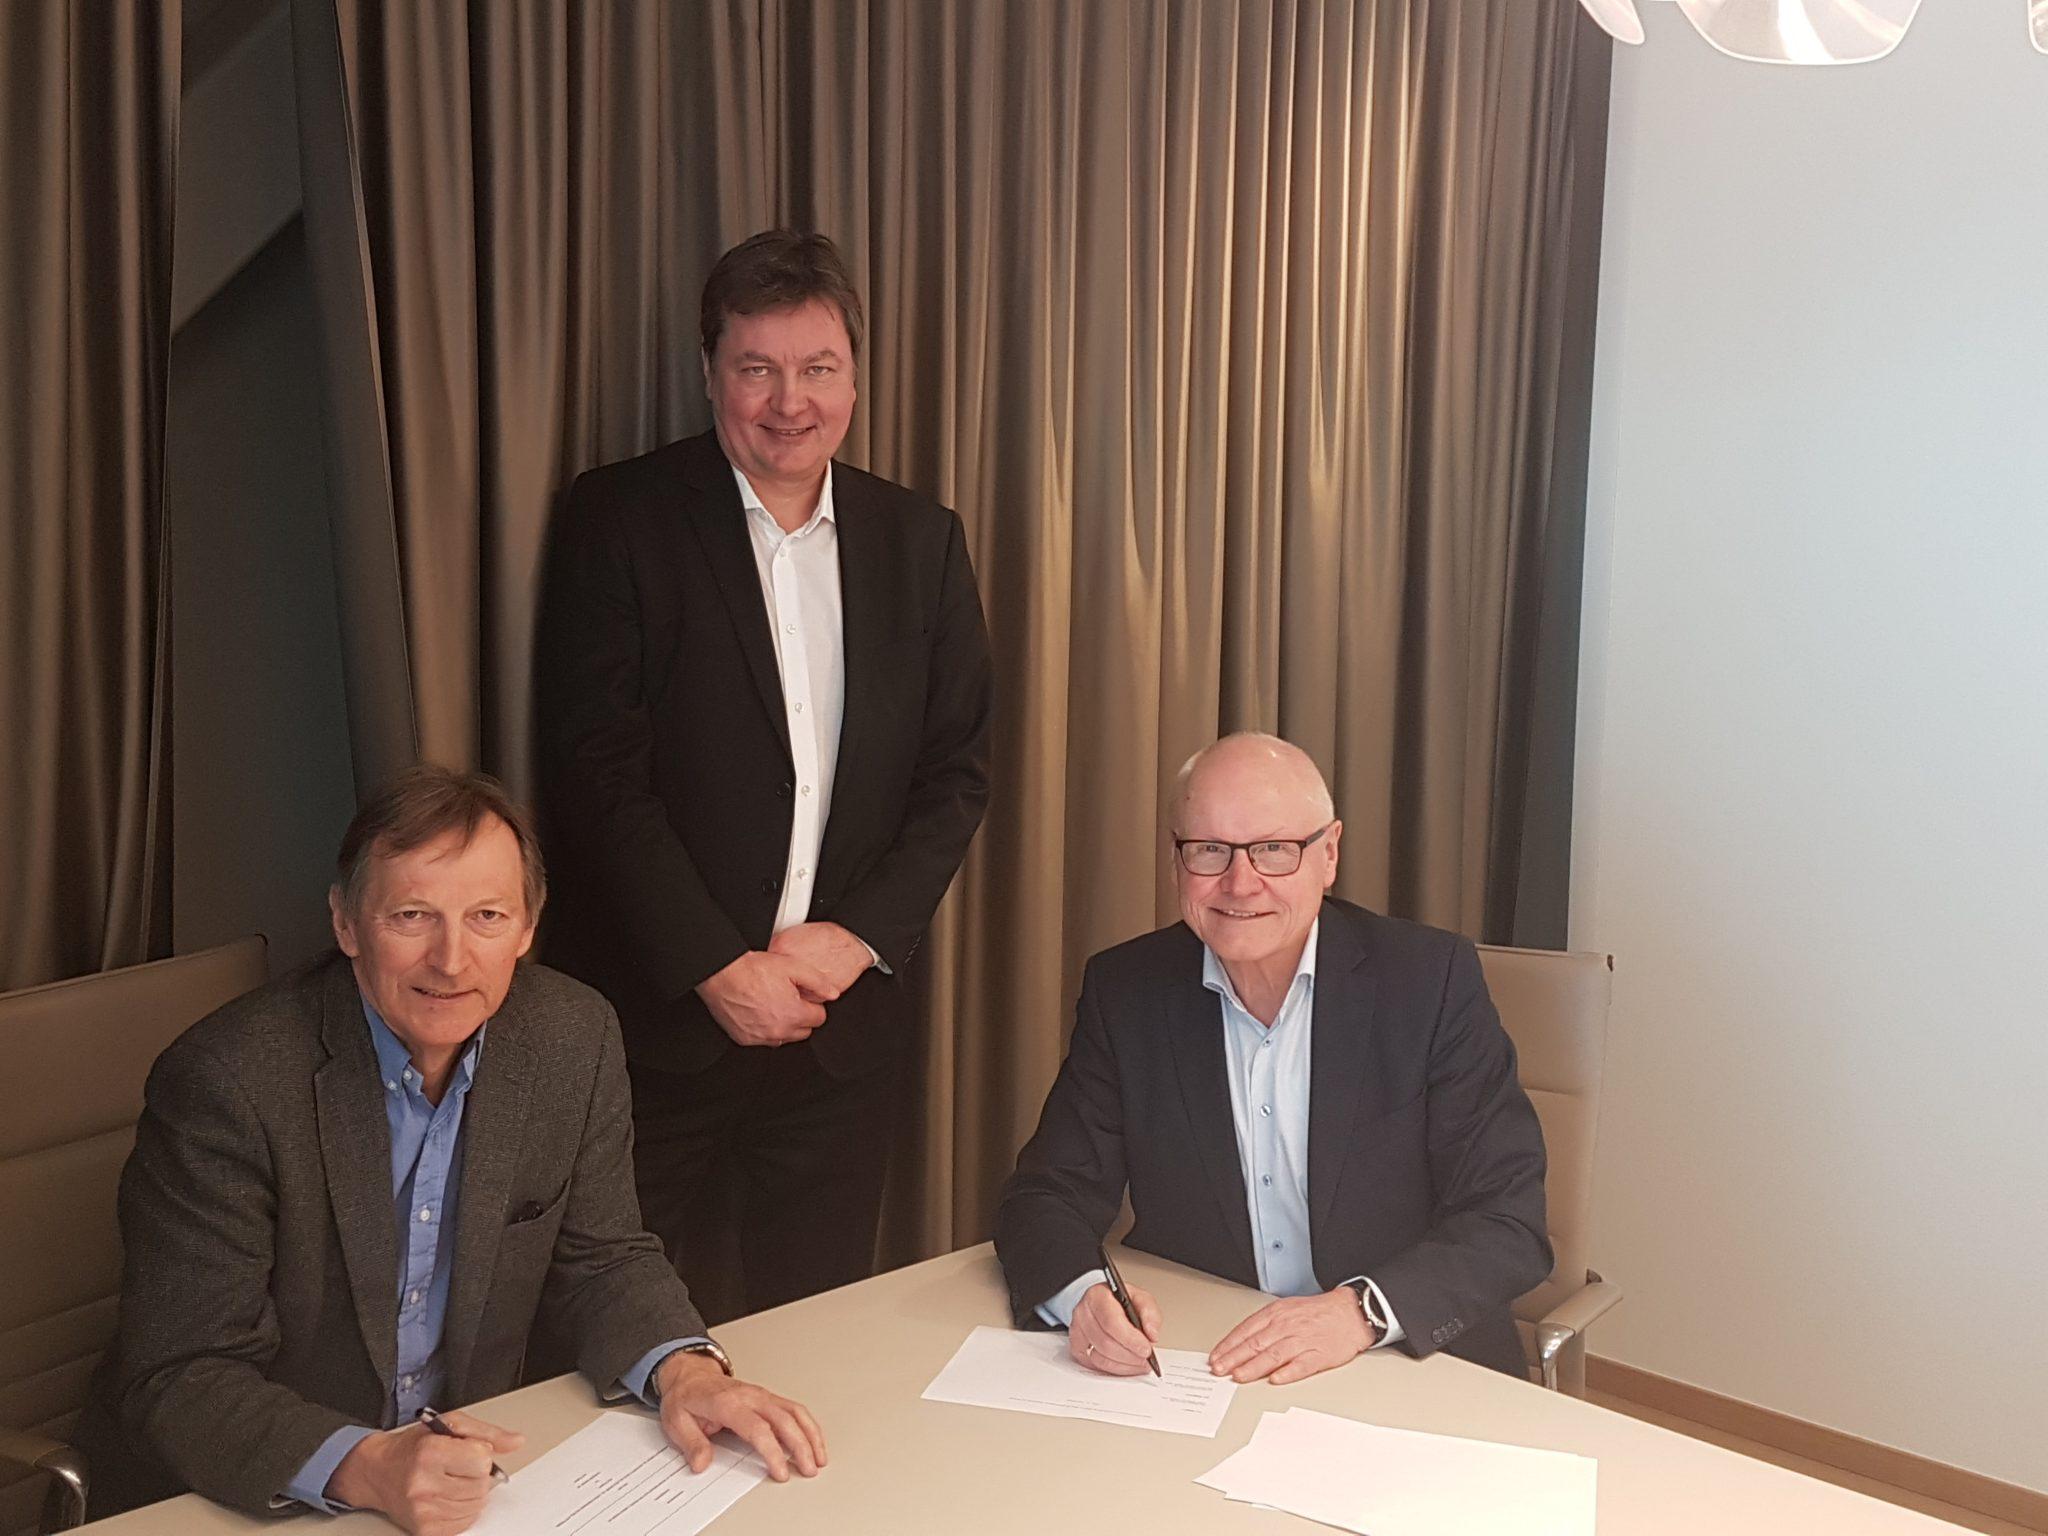 Signering av avtale ved Karl Johan Jakola, Terje Hammerfjeld og Helge Strømme